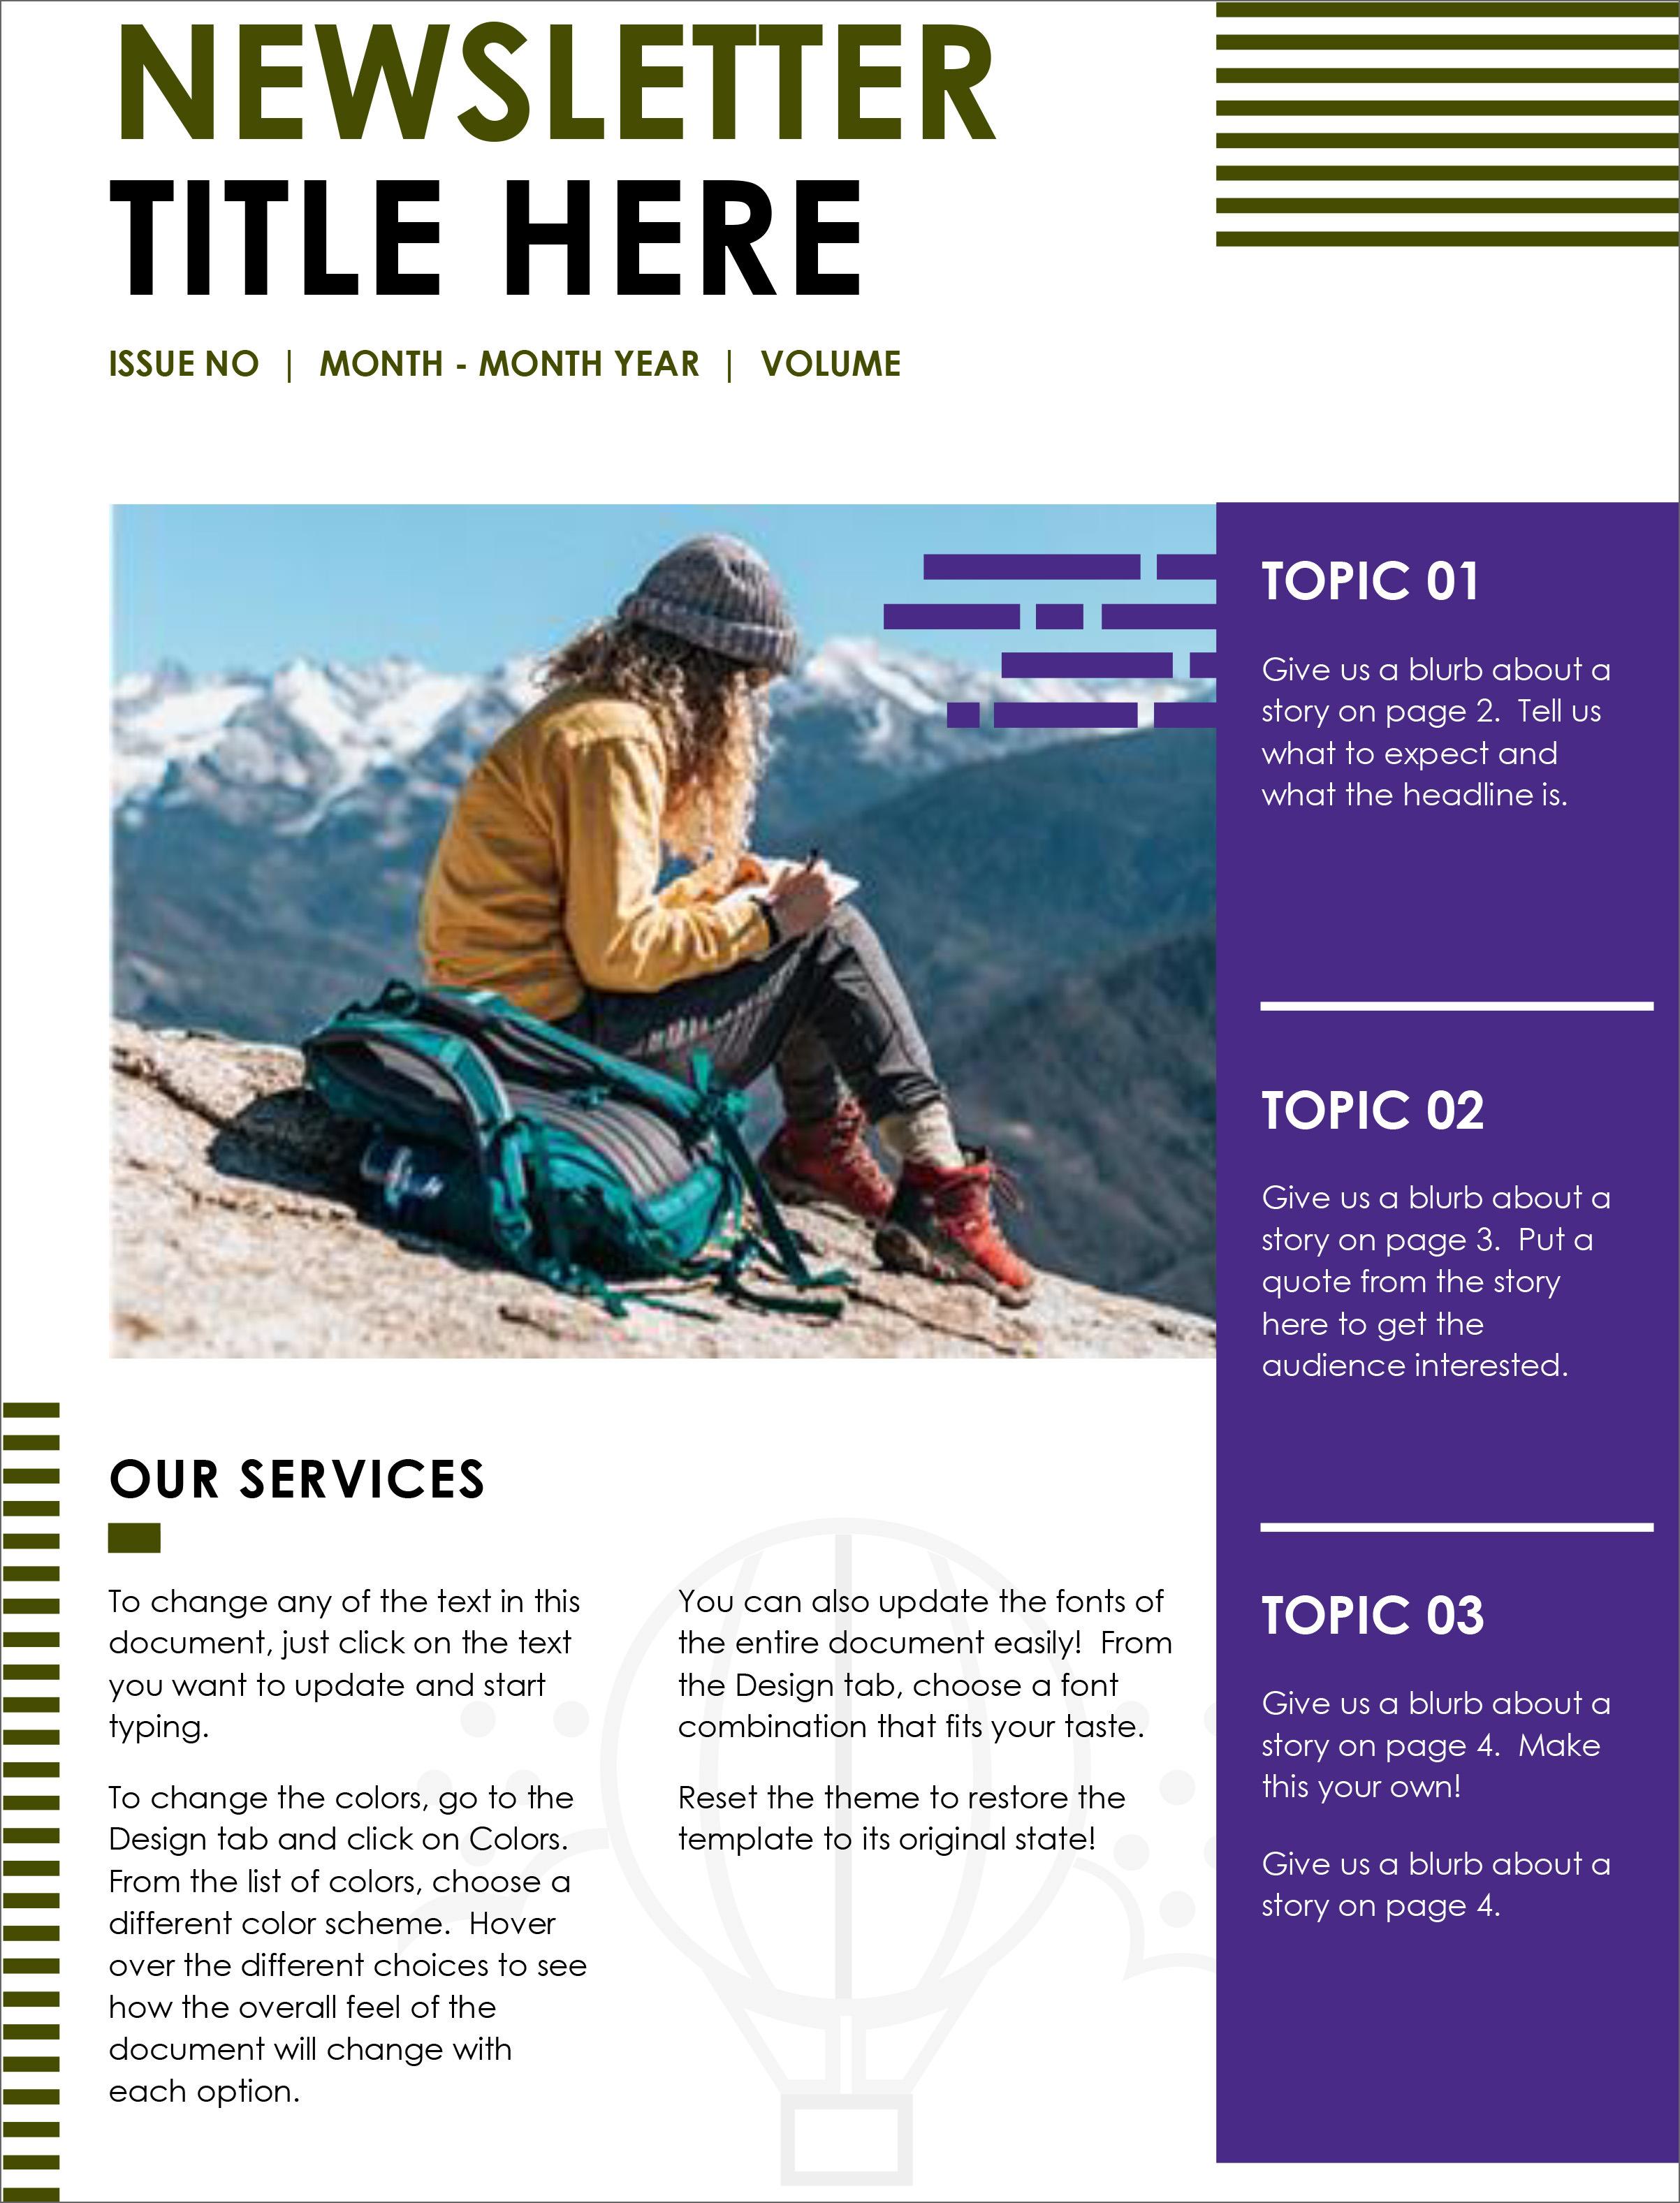 Newsletter Free Template from cdn2.geckoandfly.com